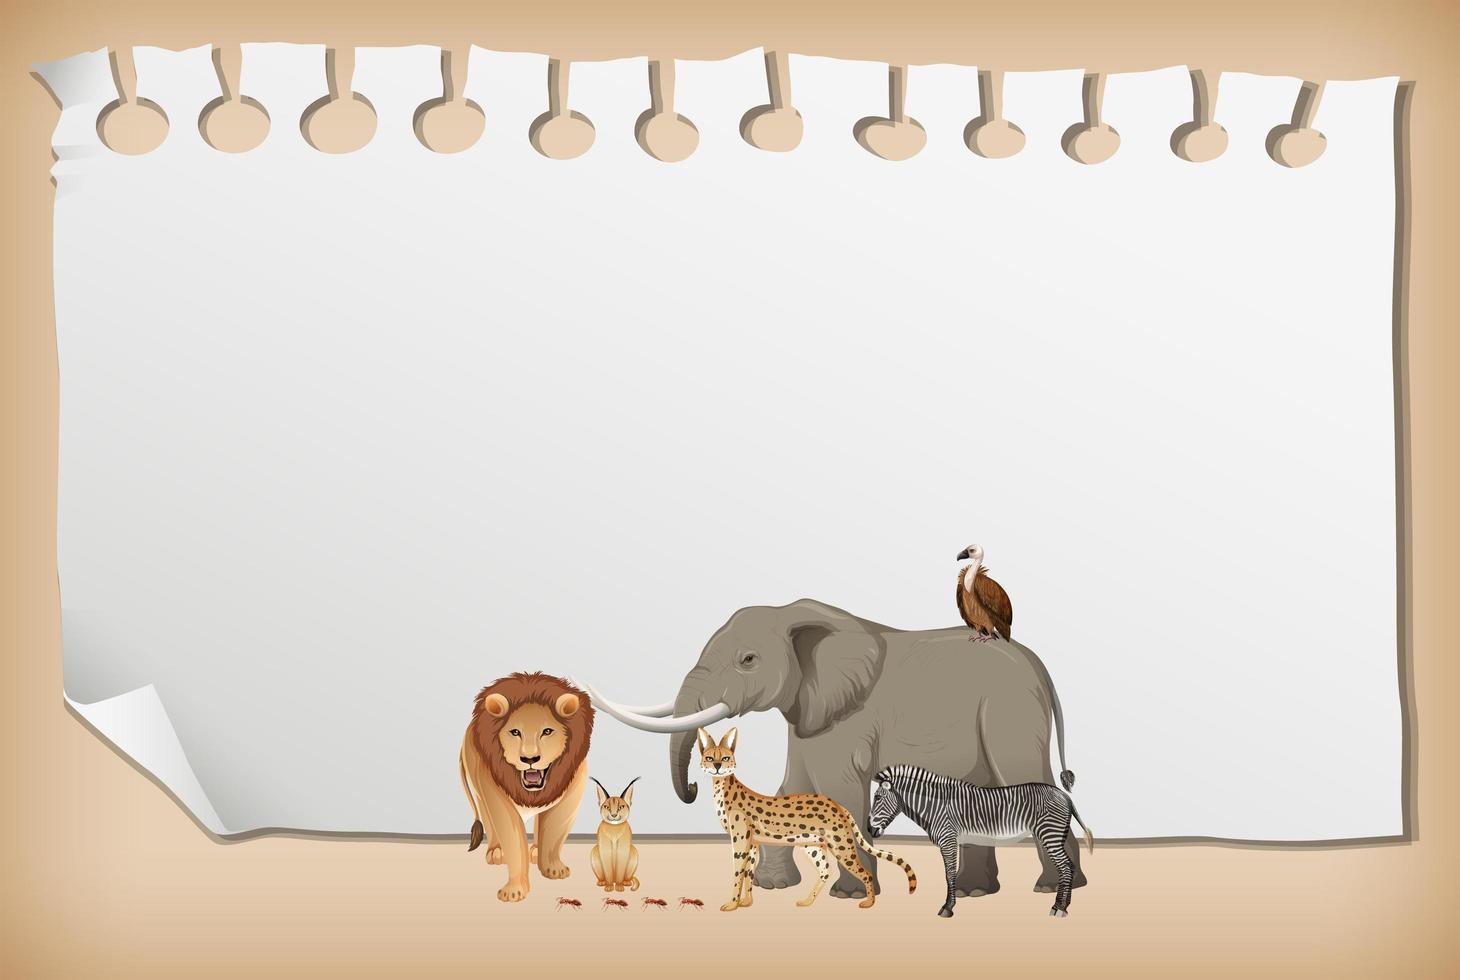 Banner de papel vacío con animal salvaje africano vector